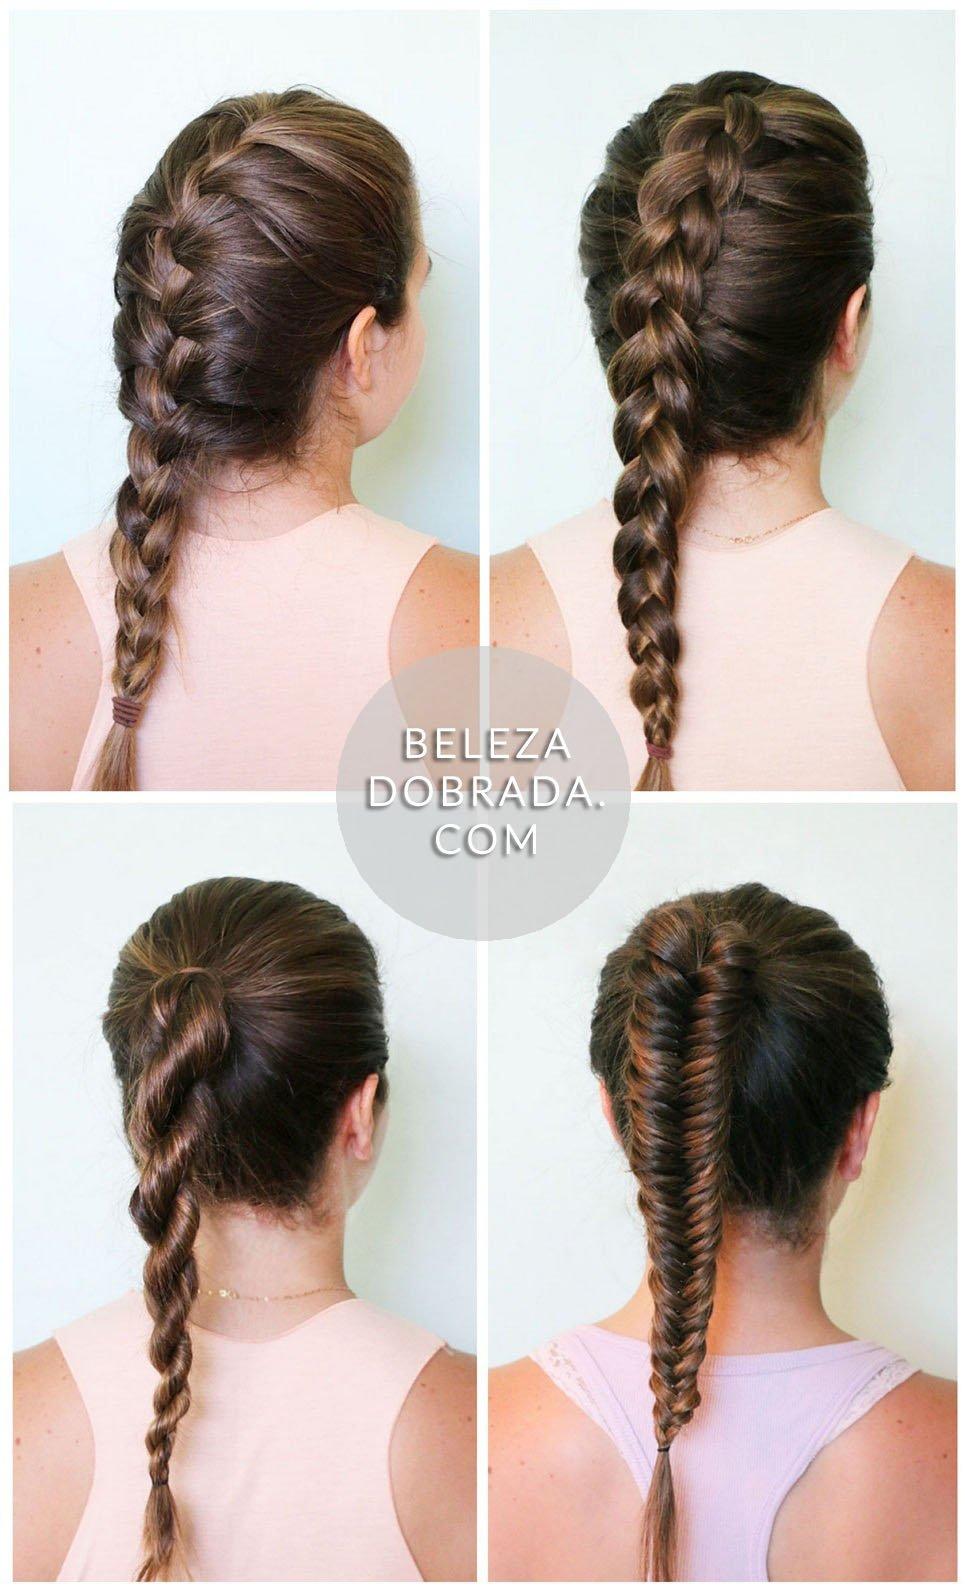 Ideias para penteados: trança embutida, invertida, trança-corda e escama de peixe.